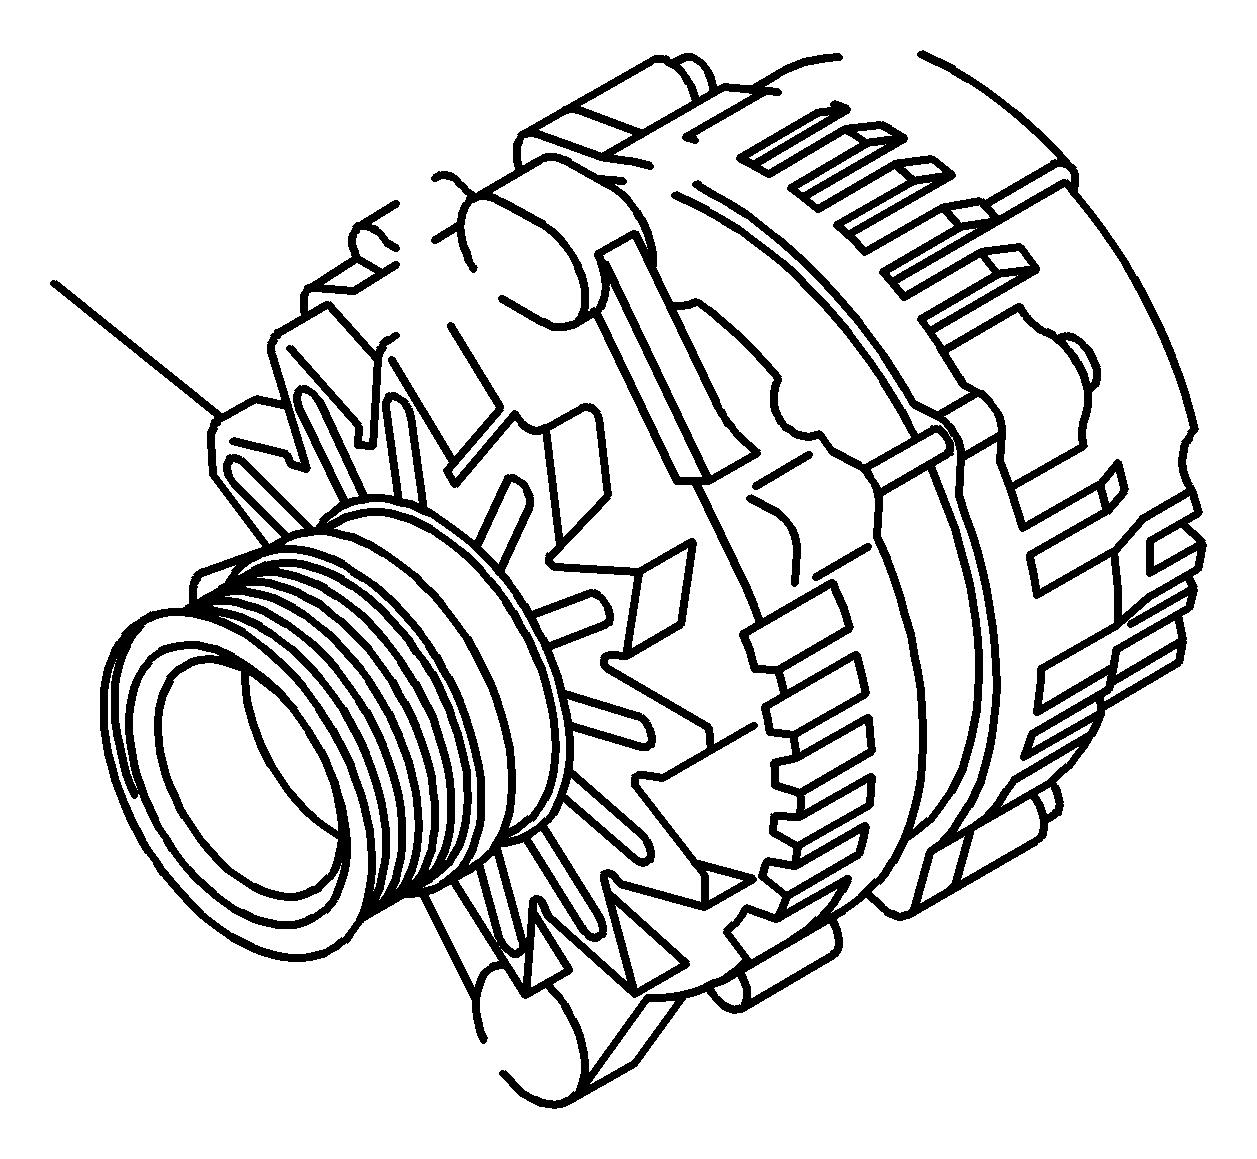 Isuzu NRR Generator asm. Engine, systems, fuel, emission